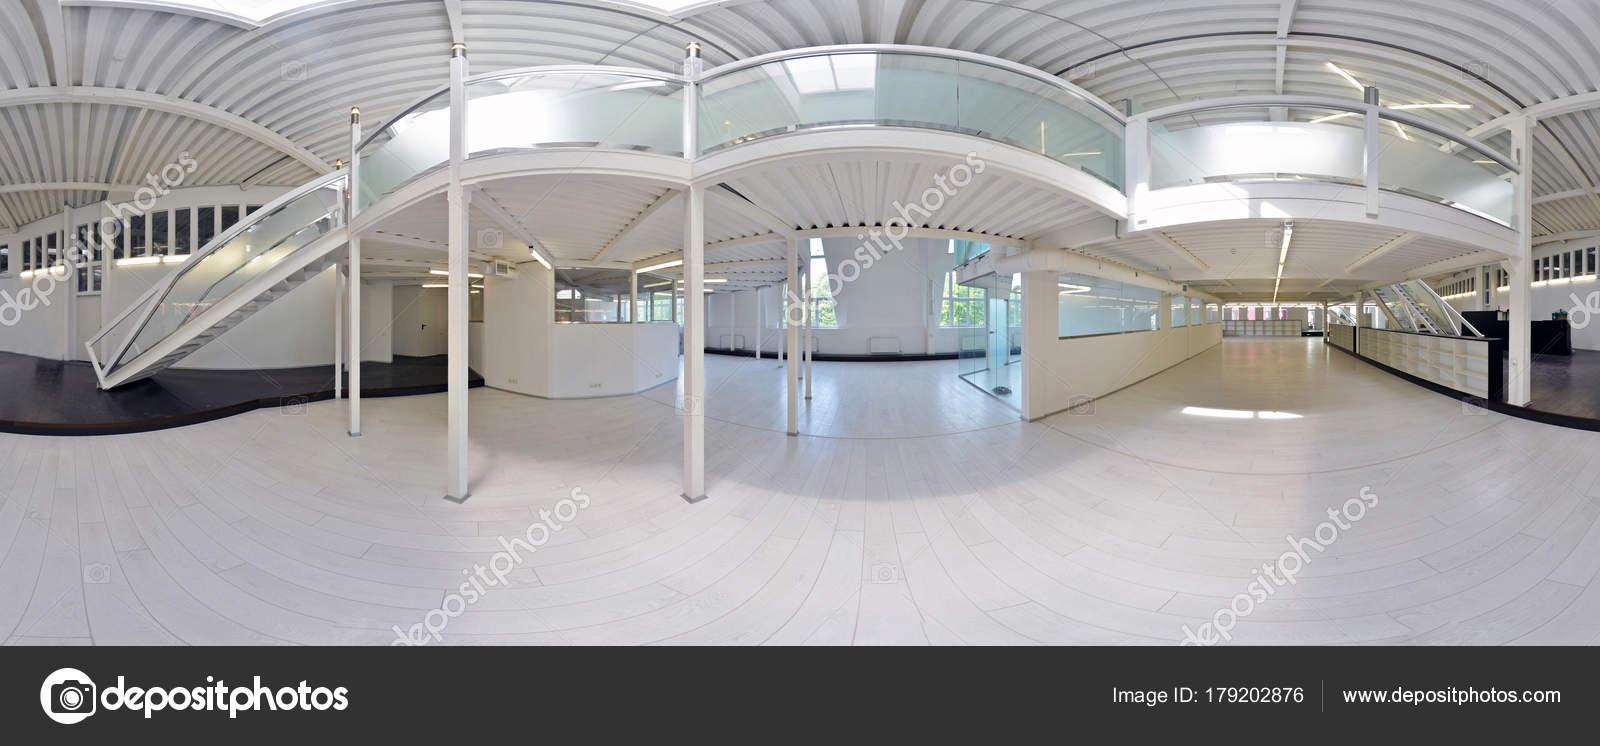 ... Panorama Im Inneren Leere Korridor Zimmer In Hellen Farben Mit Treppen  Und Metallstrukturen Mit Designer Fenster Und Beleuchtung. Russland,  Moskau, 3.